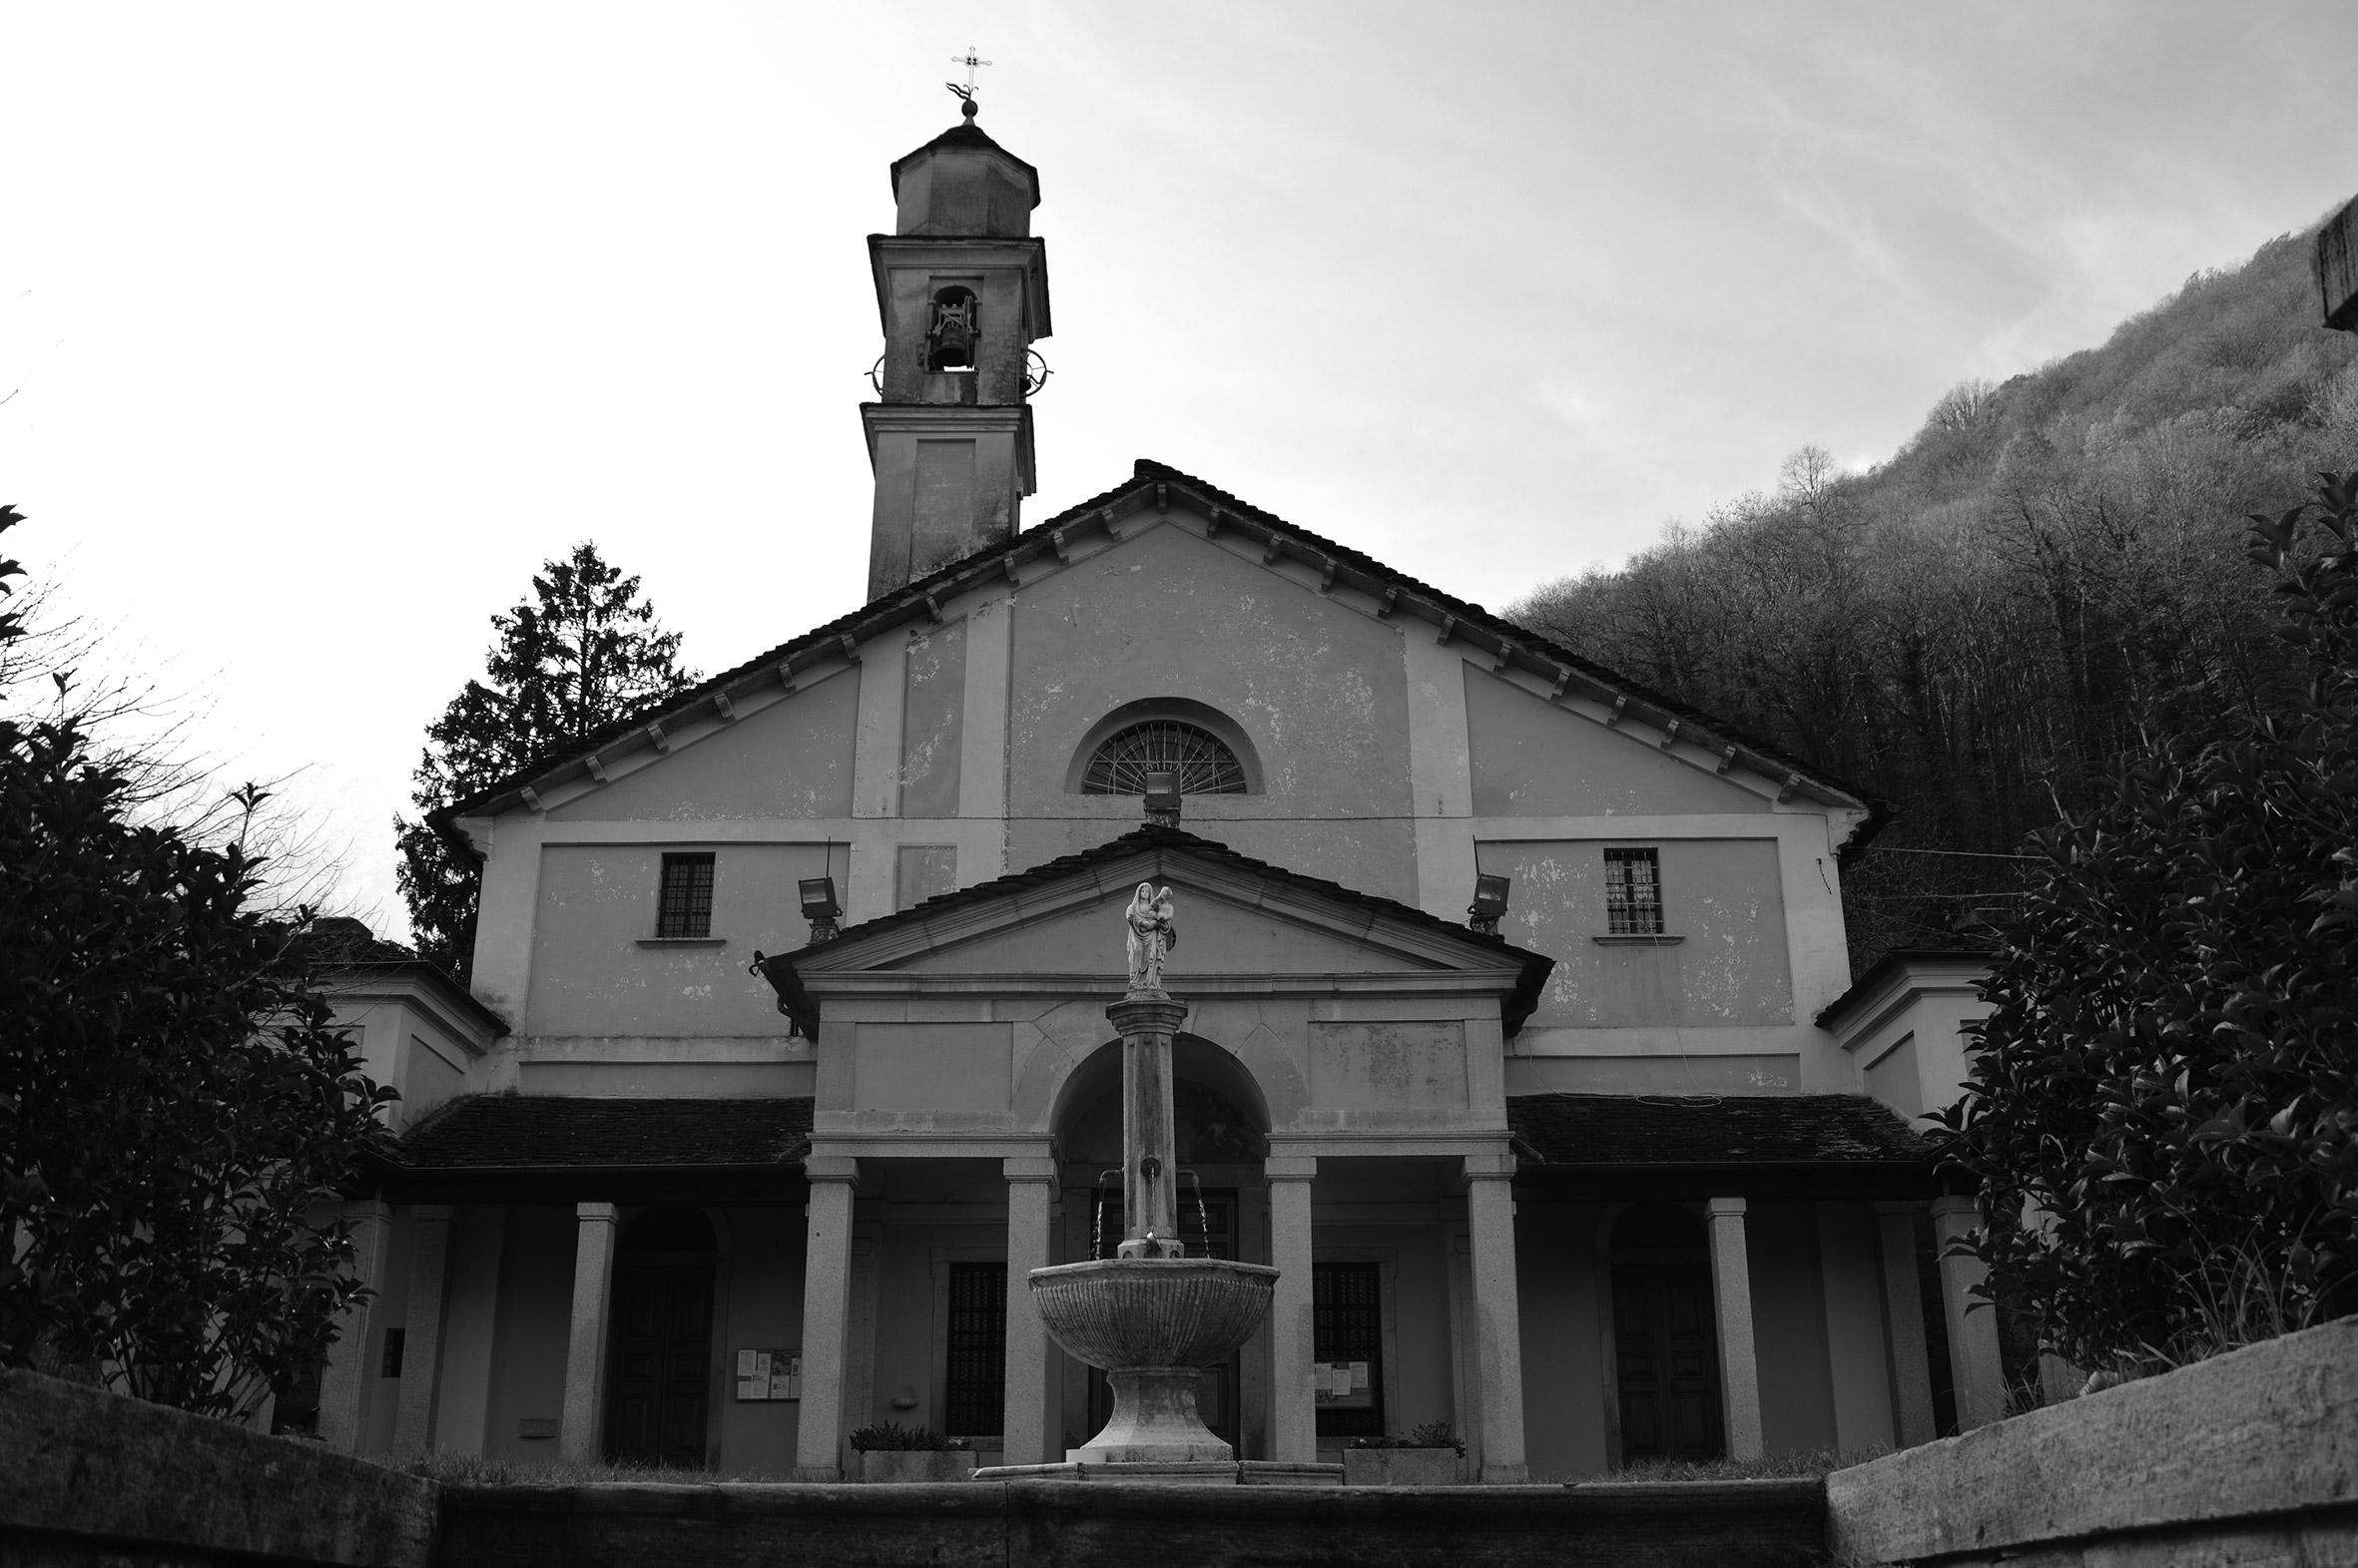 MADIcomunicazione_Santuario-della-Madonna-del-Boden_Ornavasso-BN